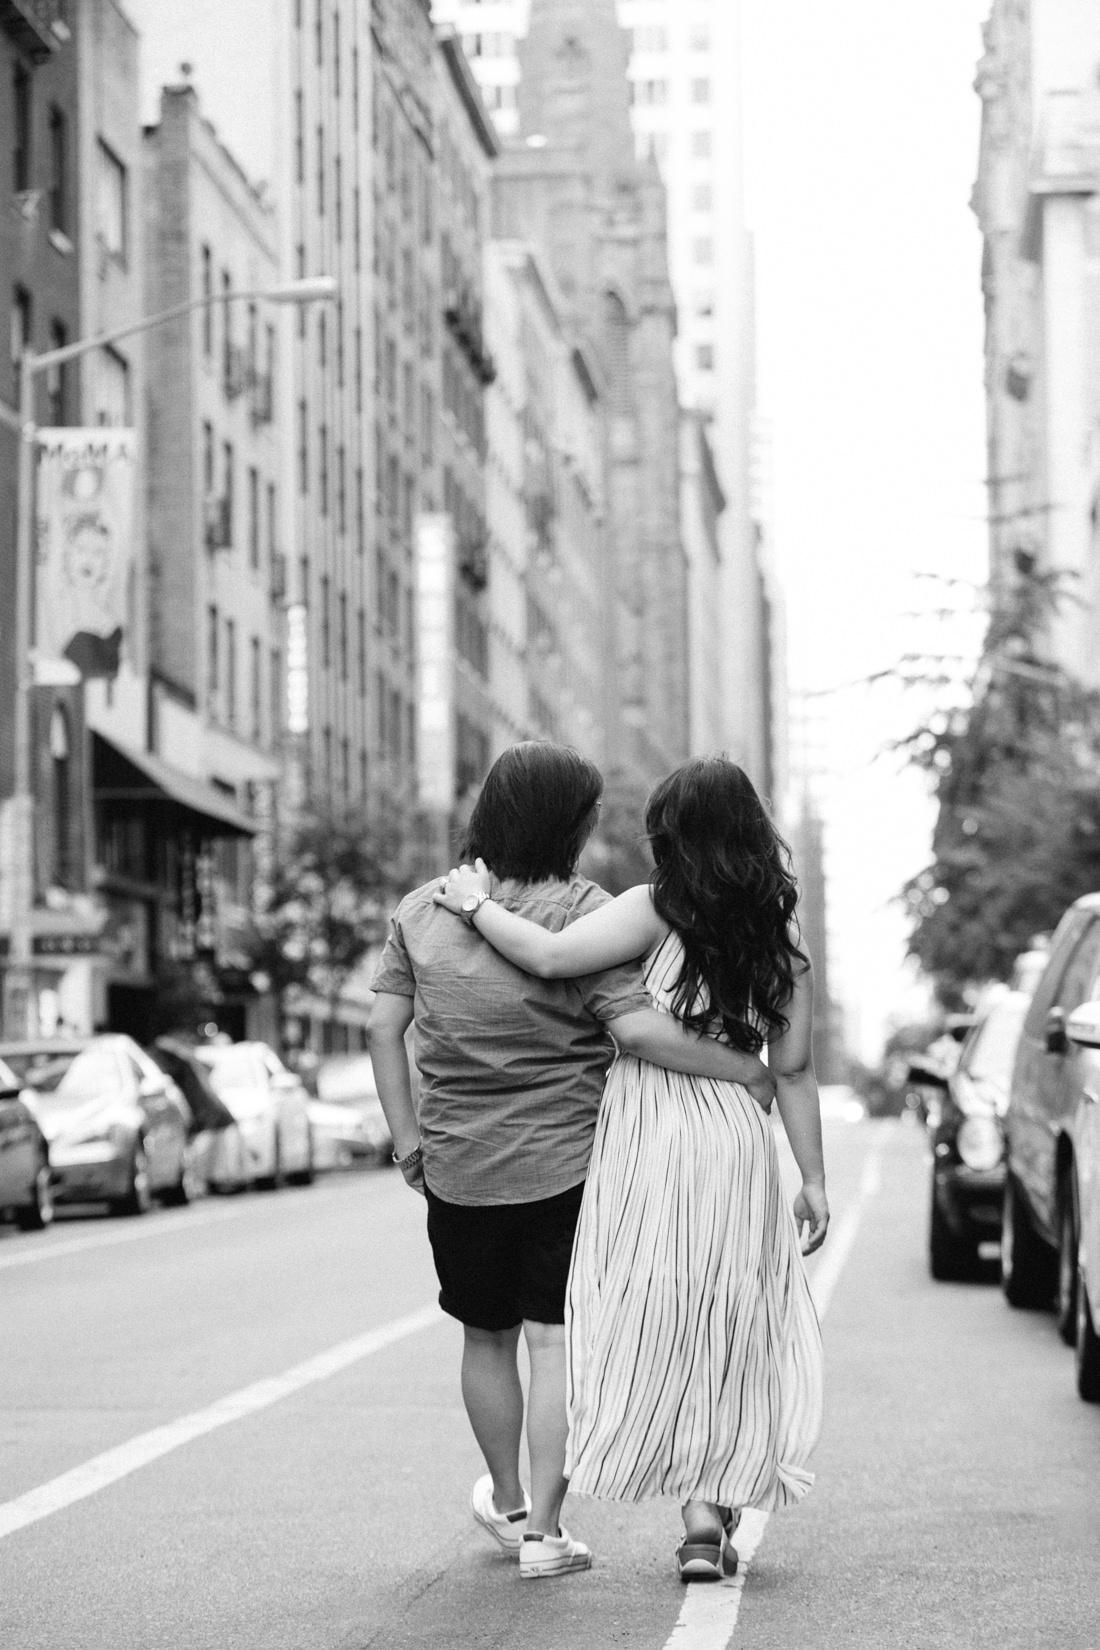 NYC-engagement-photography-by-Tanya-Isaeva-63.jpg